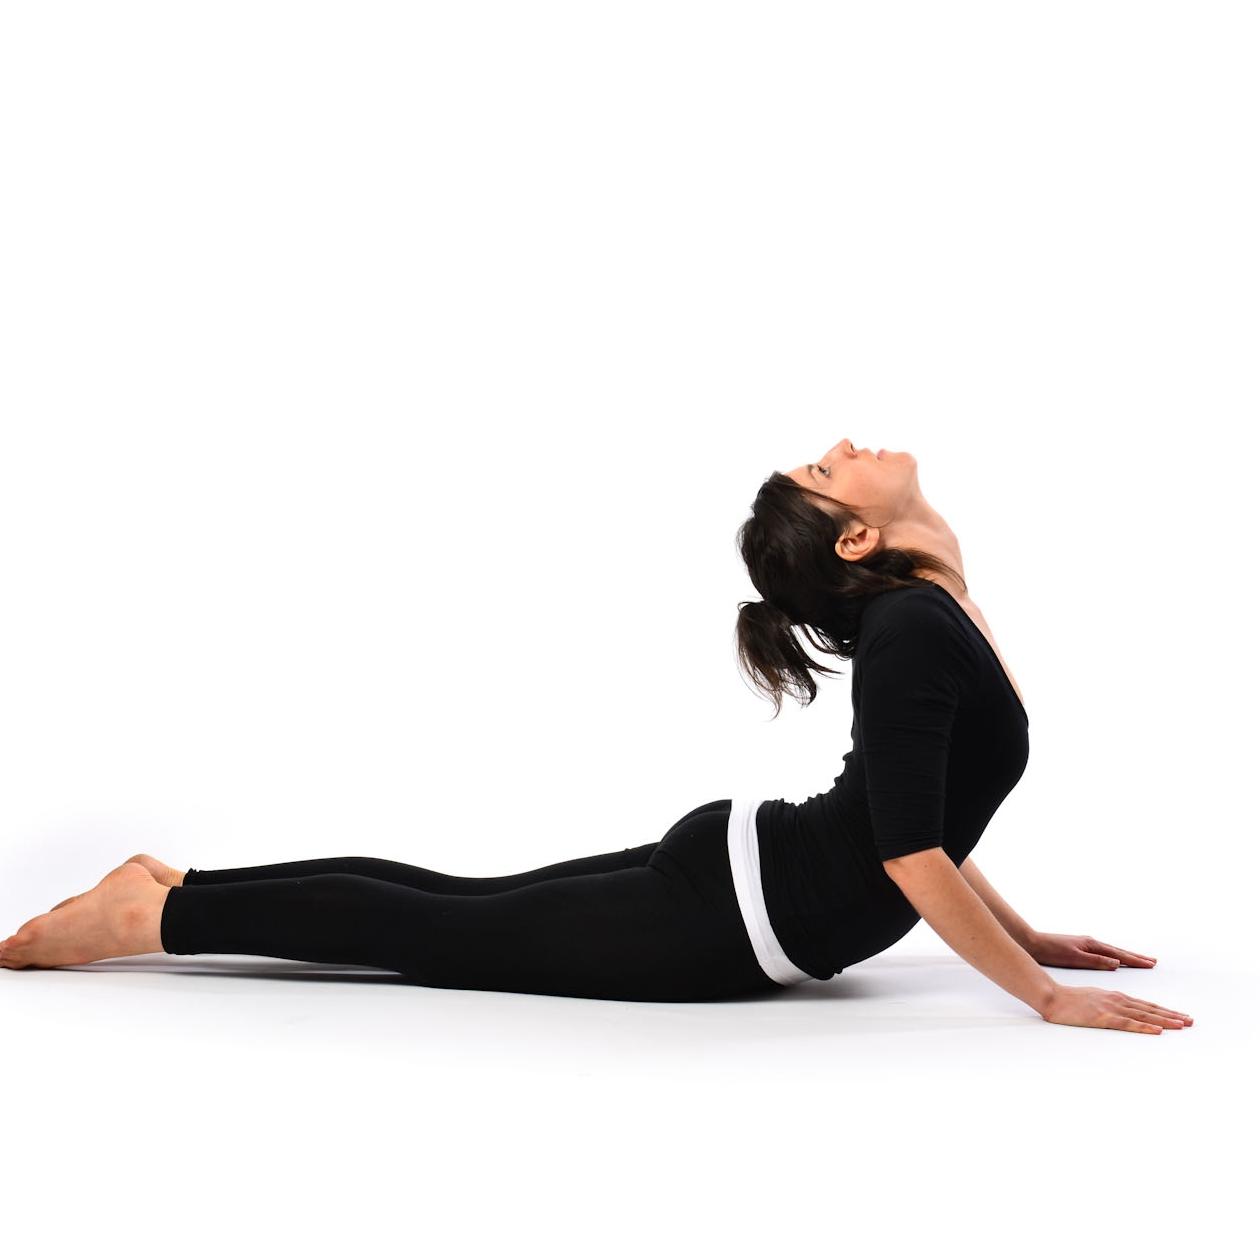 Yoga) Tư thế Rắn Hổ Mang Bhujang Asana